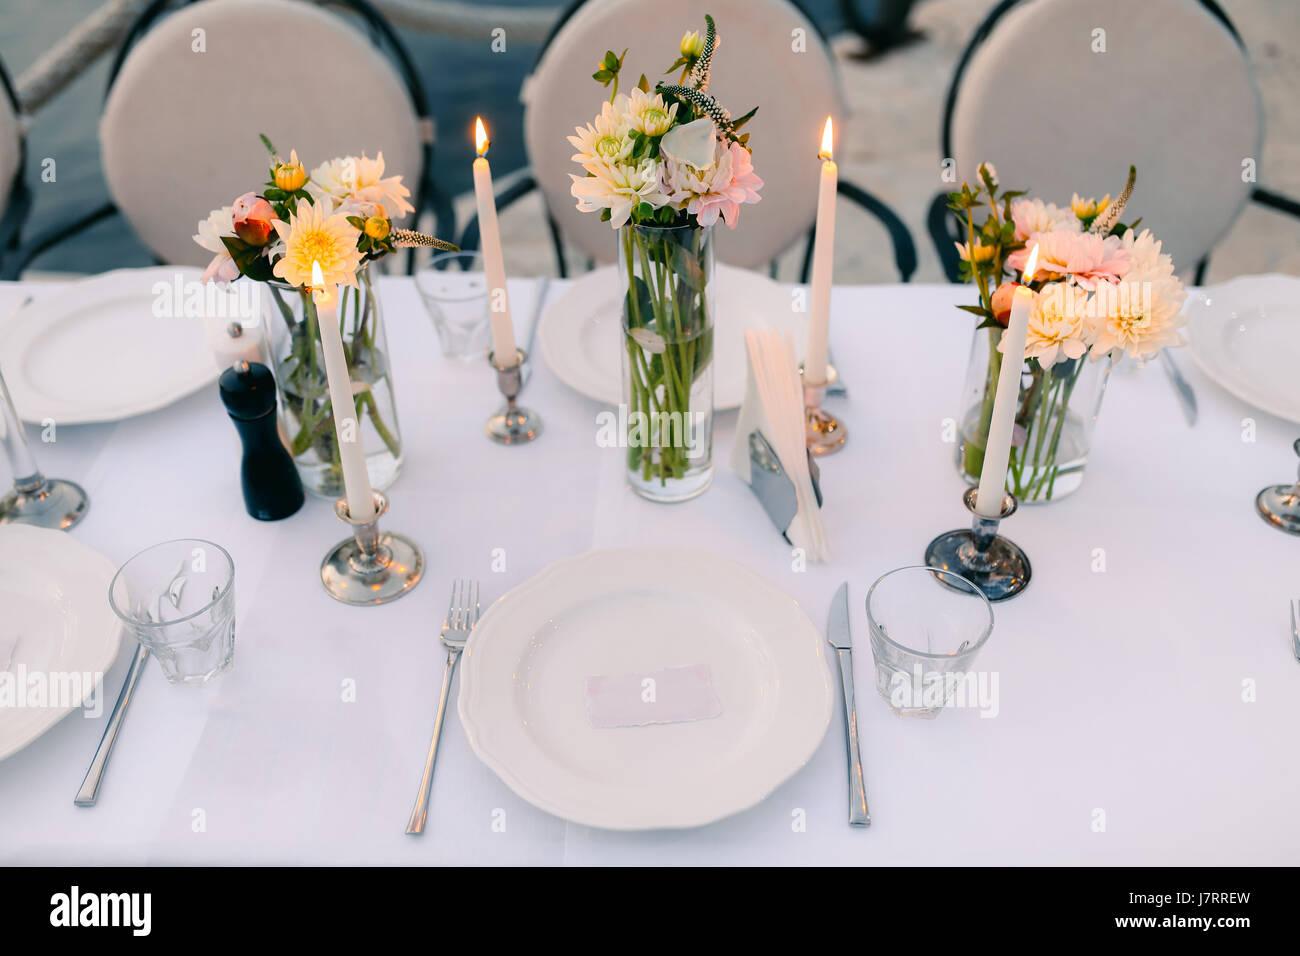 Platten An Der Hochzeitstafel Tischdekoration